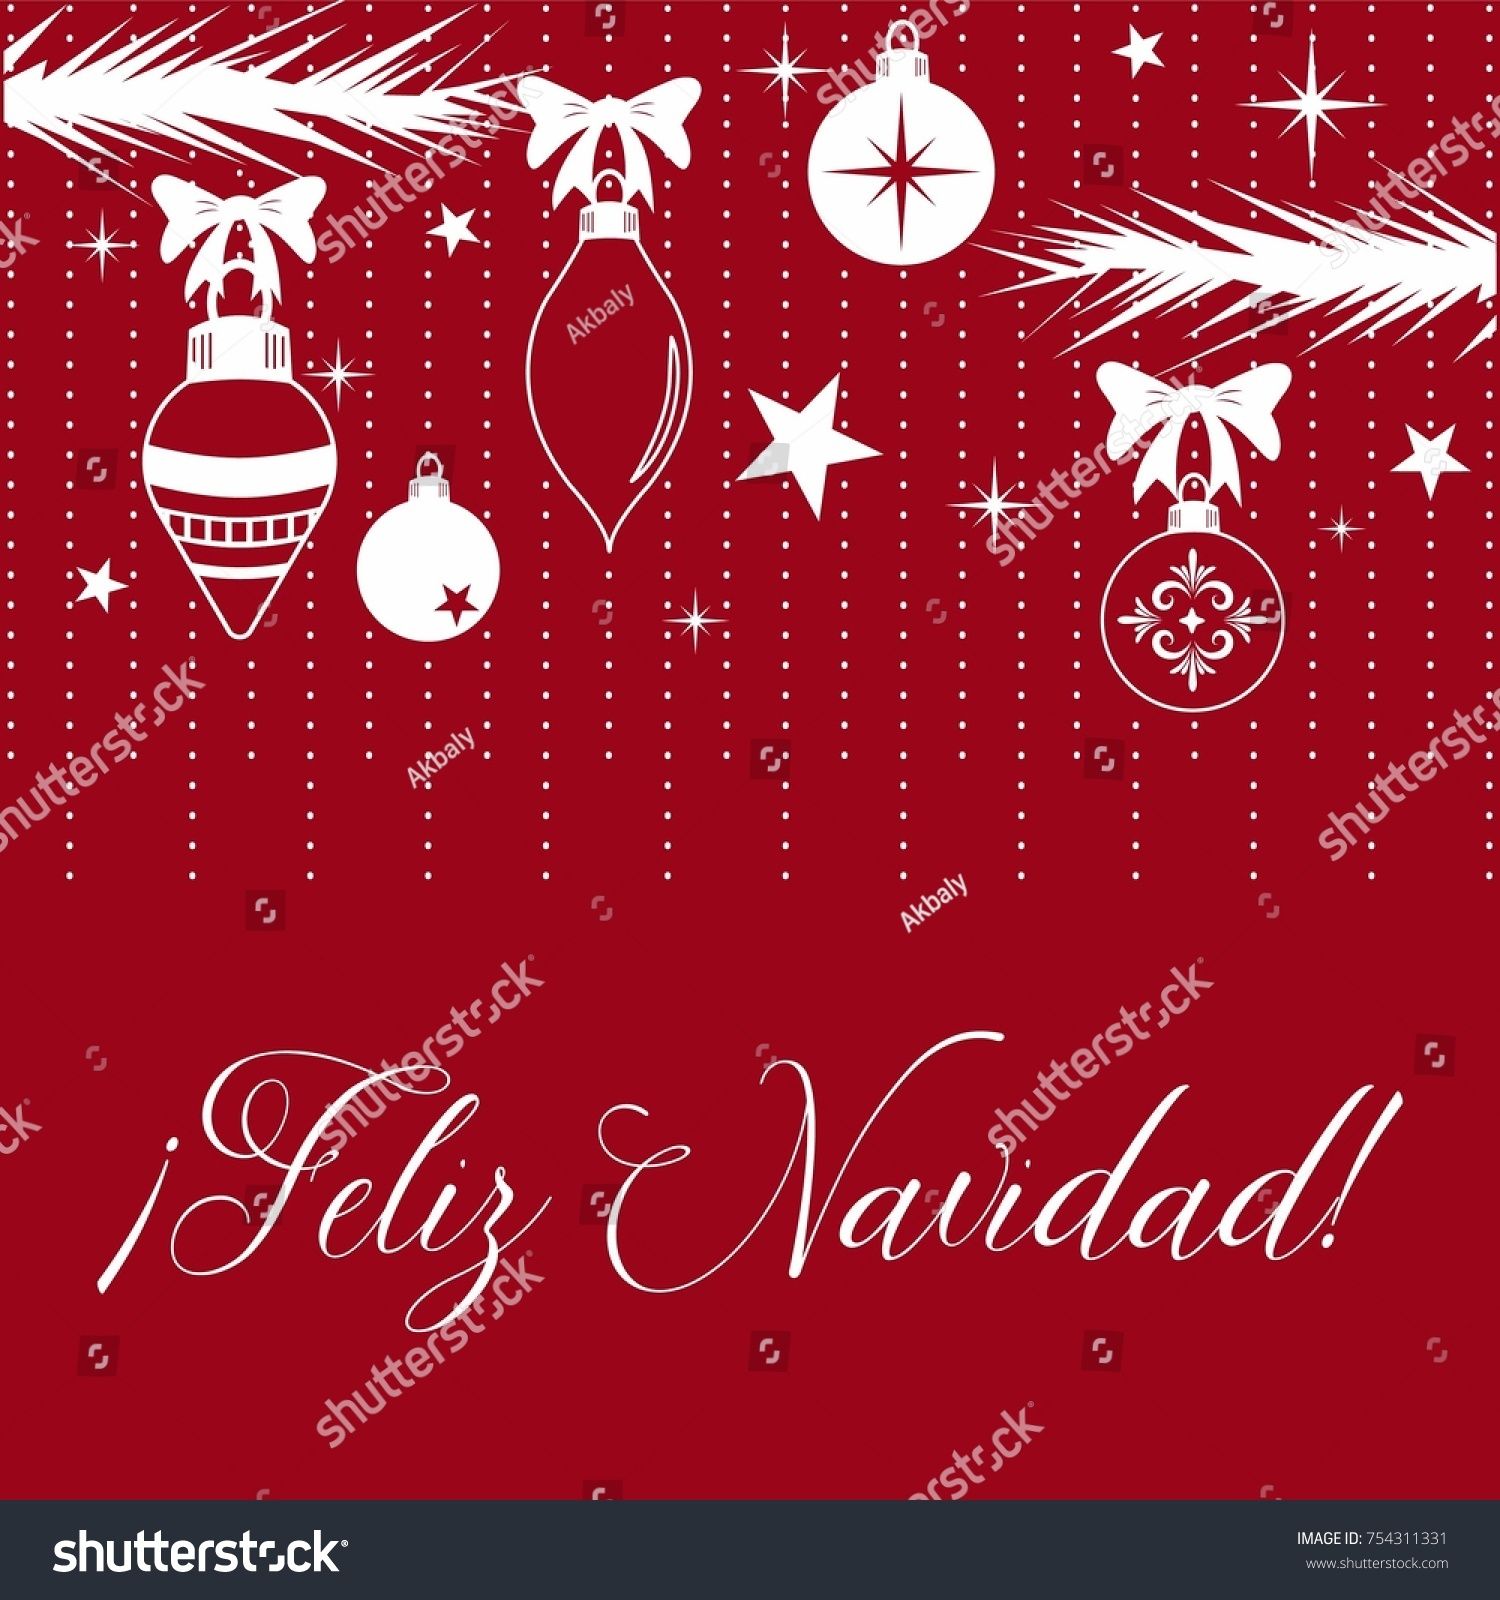 Feliz Navidad Greeting In Spanish Gallery Greetings Card Design Simple